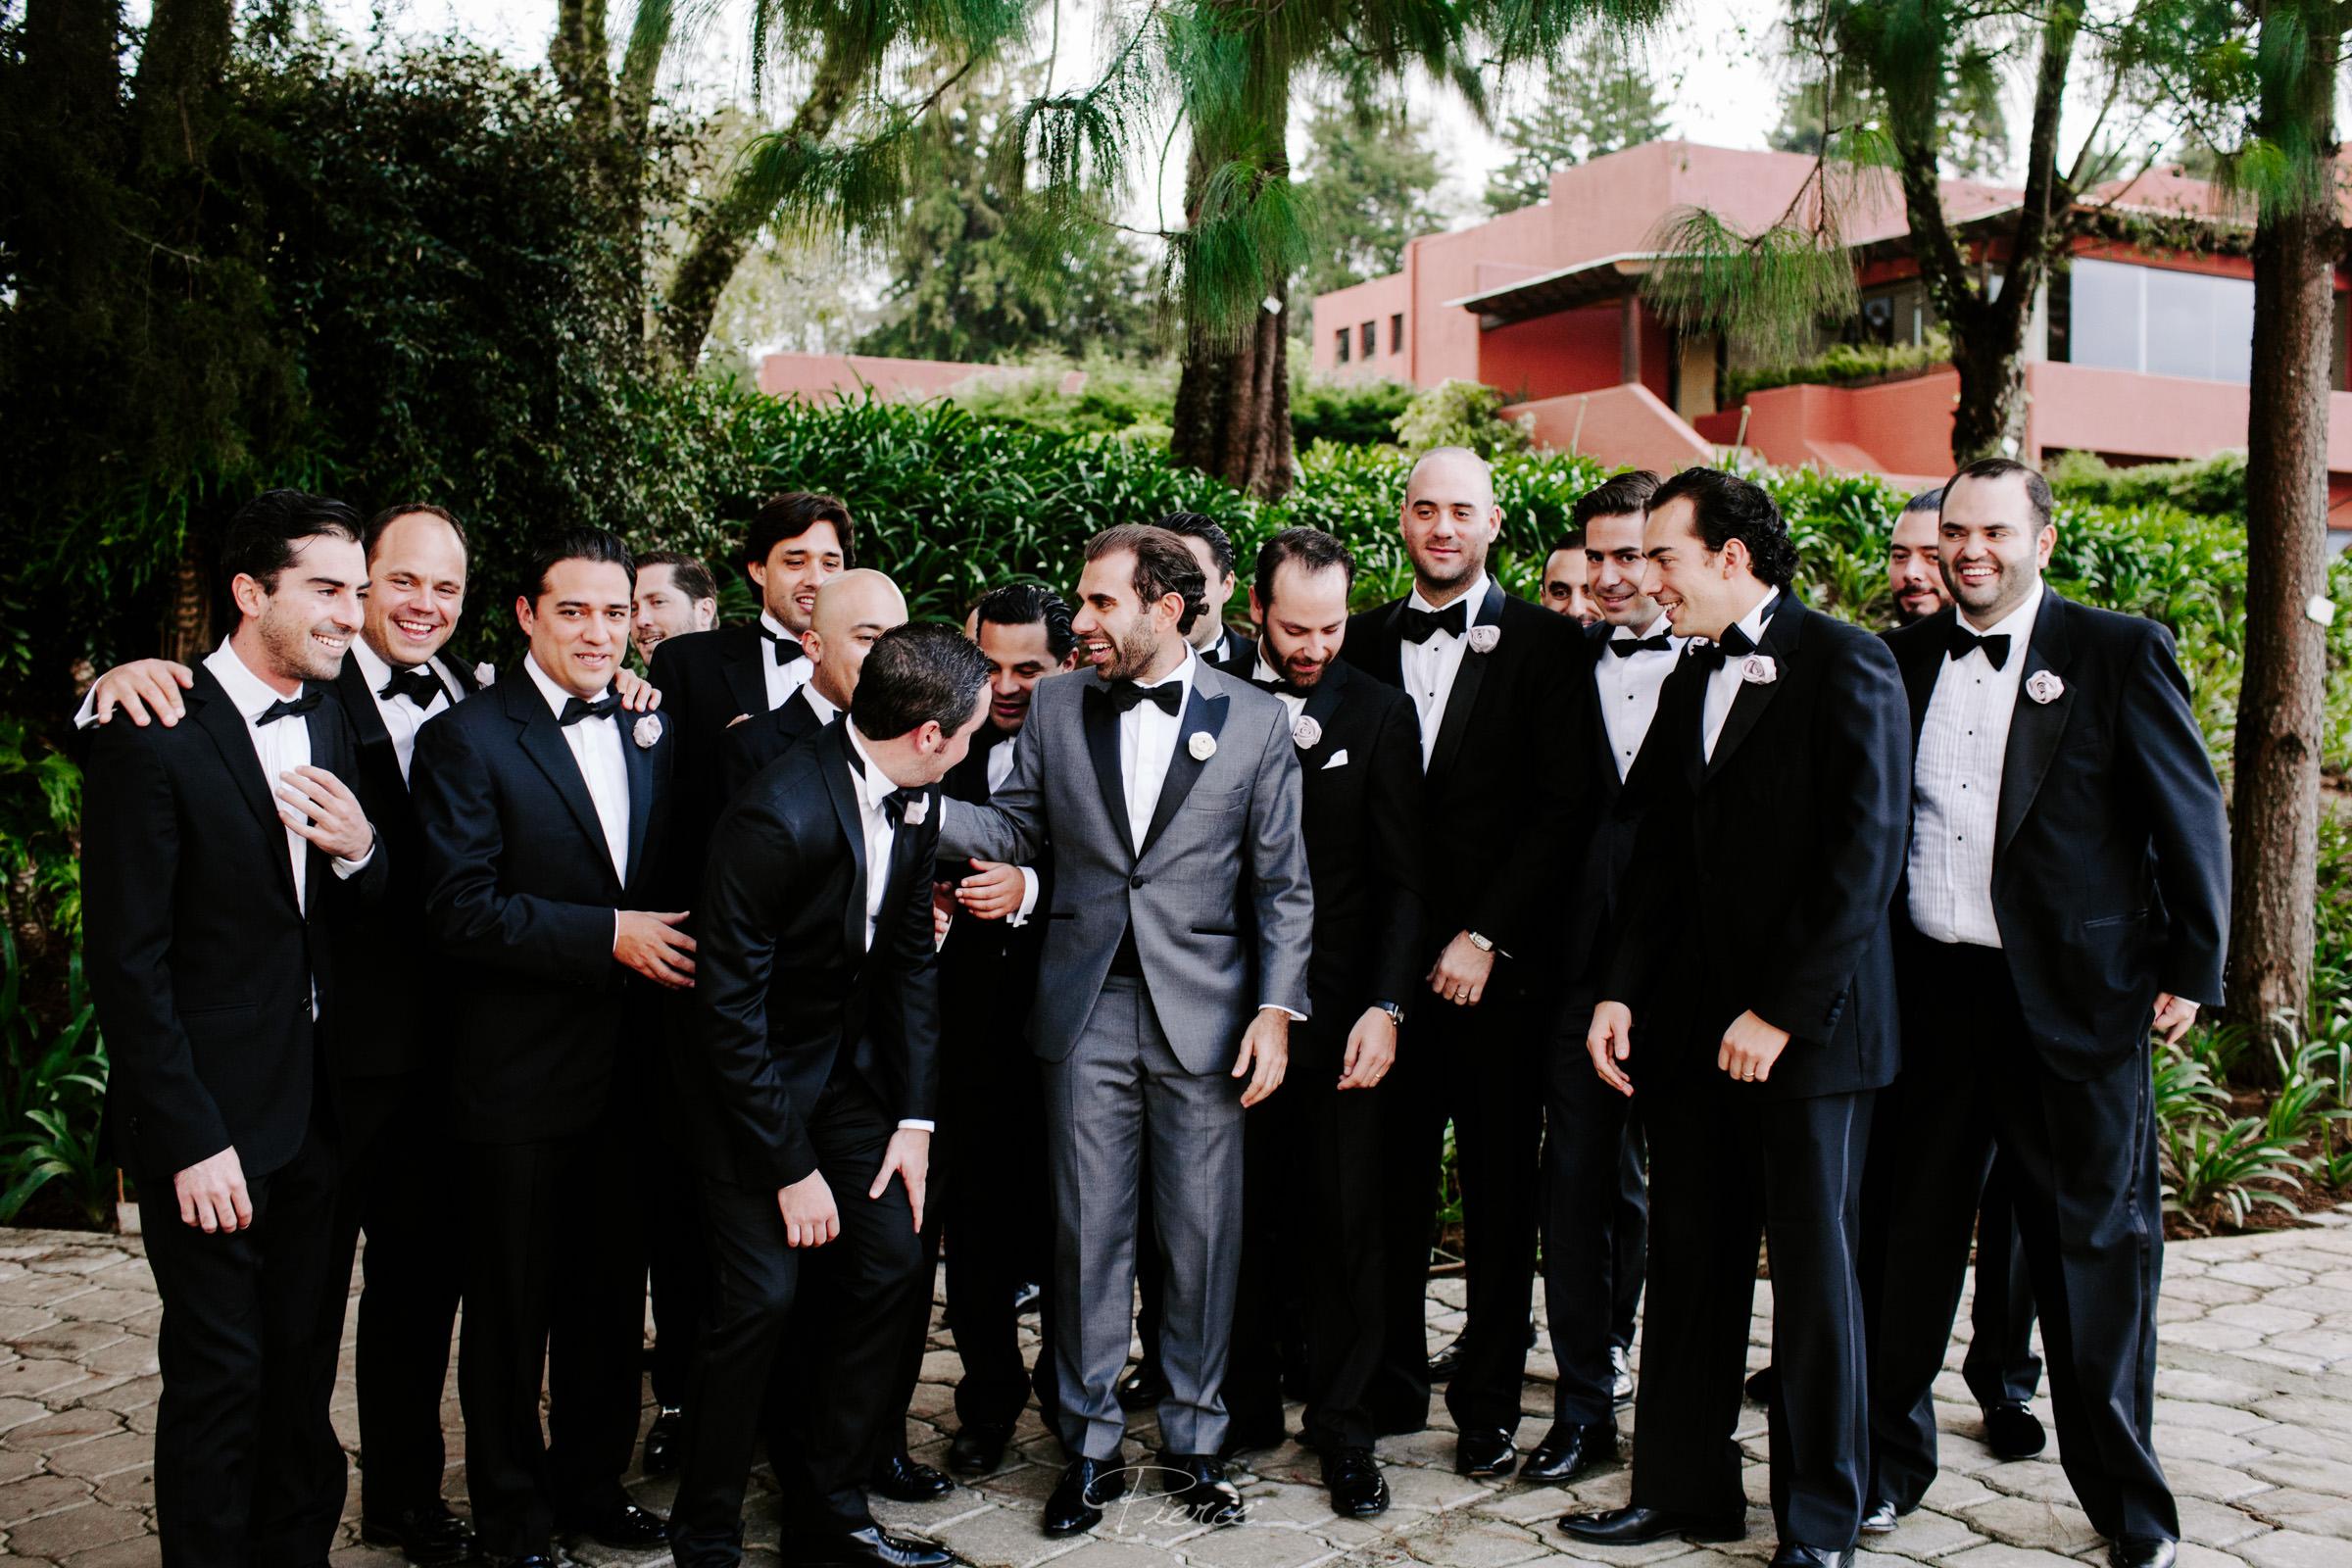 fotografia-de-boda-valle-de-bravo-mexico-rosmarino-pierce-weddings-0099.JPG